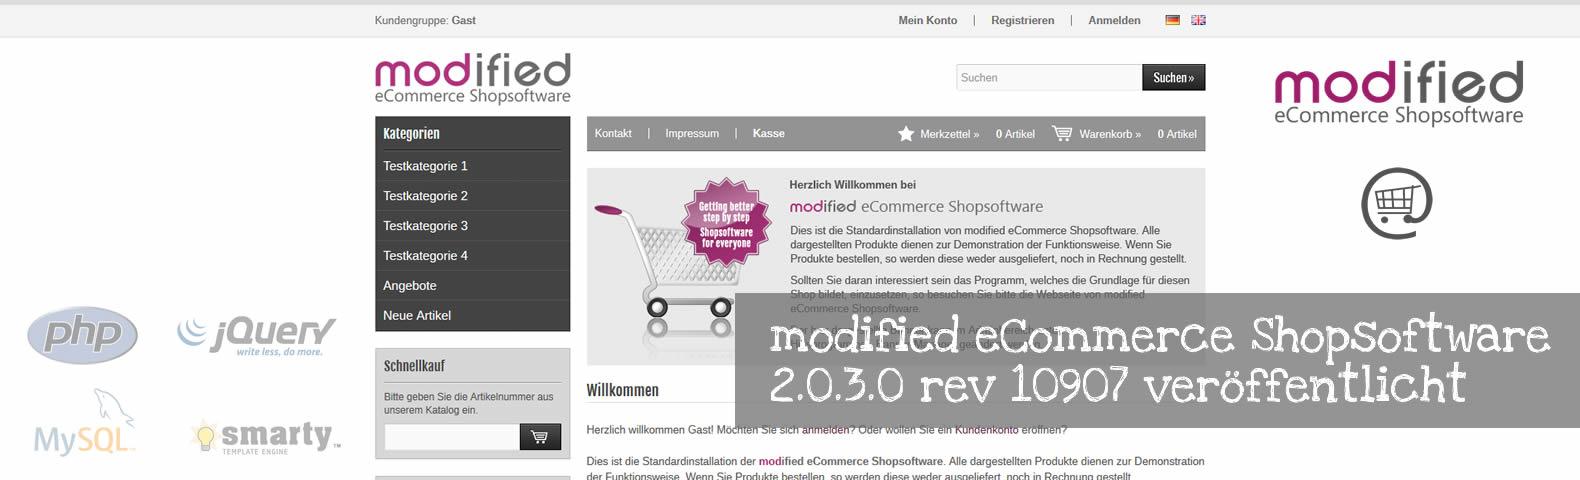 modified eCommerce Shopsoftware 2.0.3.0 rev 10907 veröffentlicht